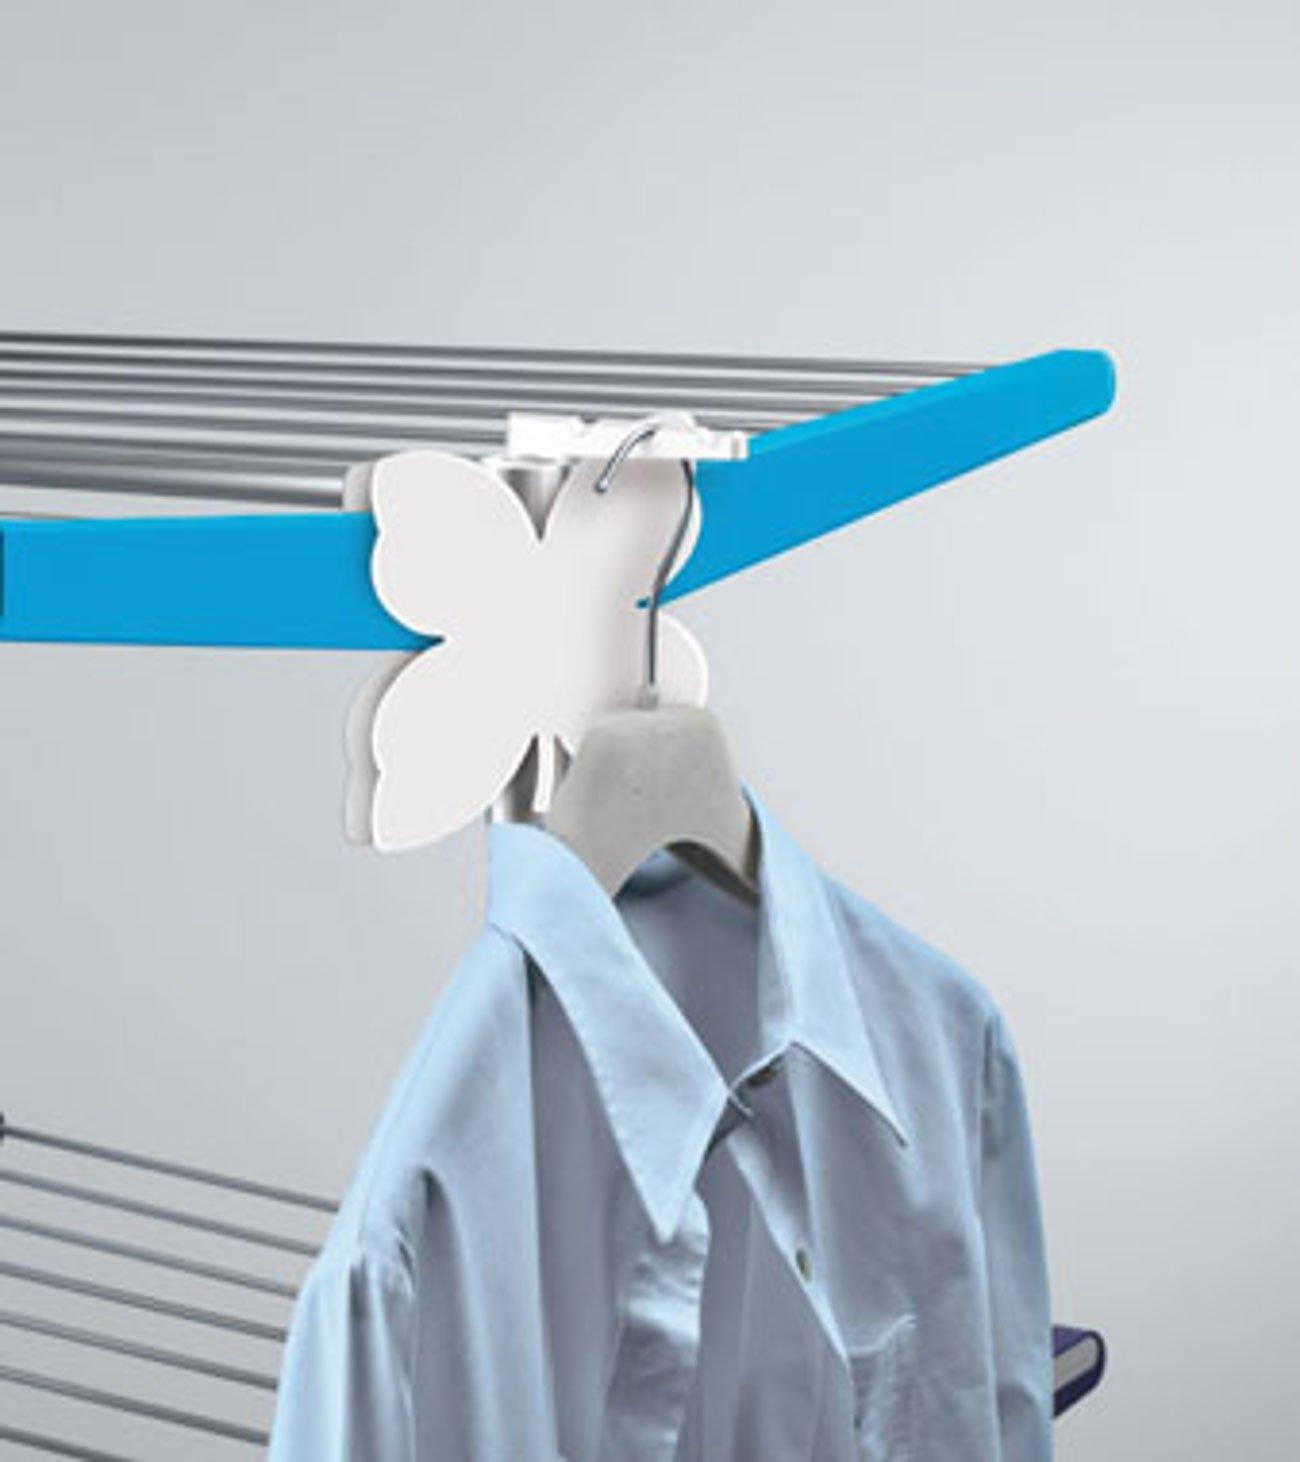 Meliconi Stendimeglio Junior Quadrifoglio Tendedero Vertical con Ruedas y Bandeja Aluminio 138x72.5x83 cm Verde